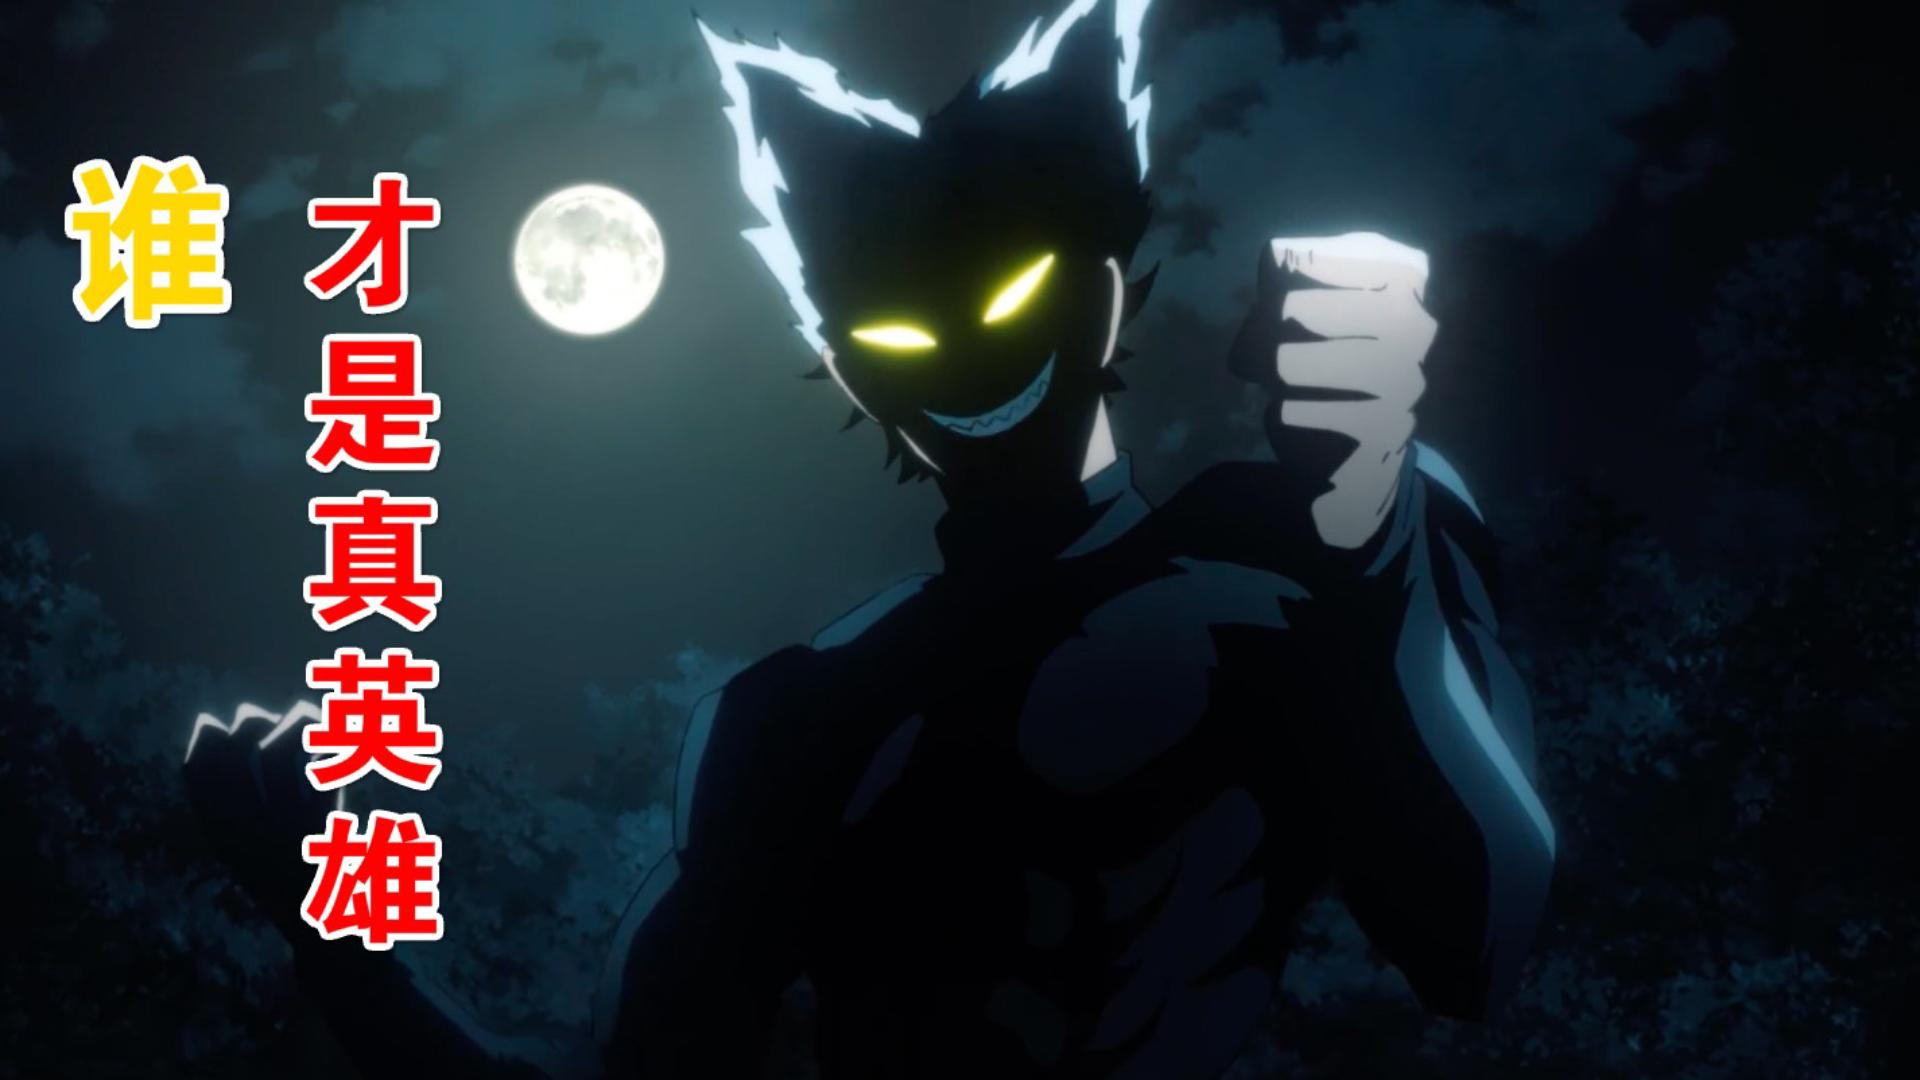 《一拳超人》第三季05:怪人名号下的英雄?饿狼闯入怪人巢穴!